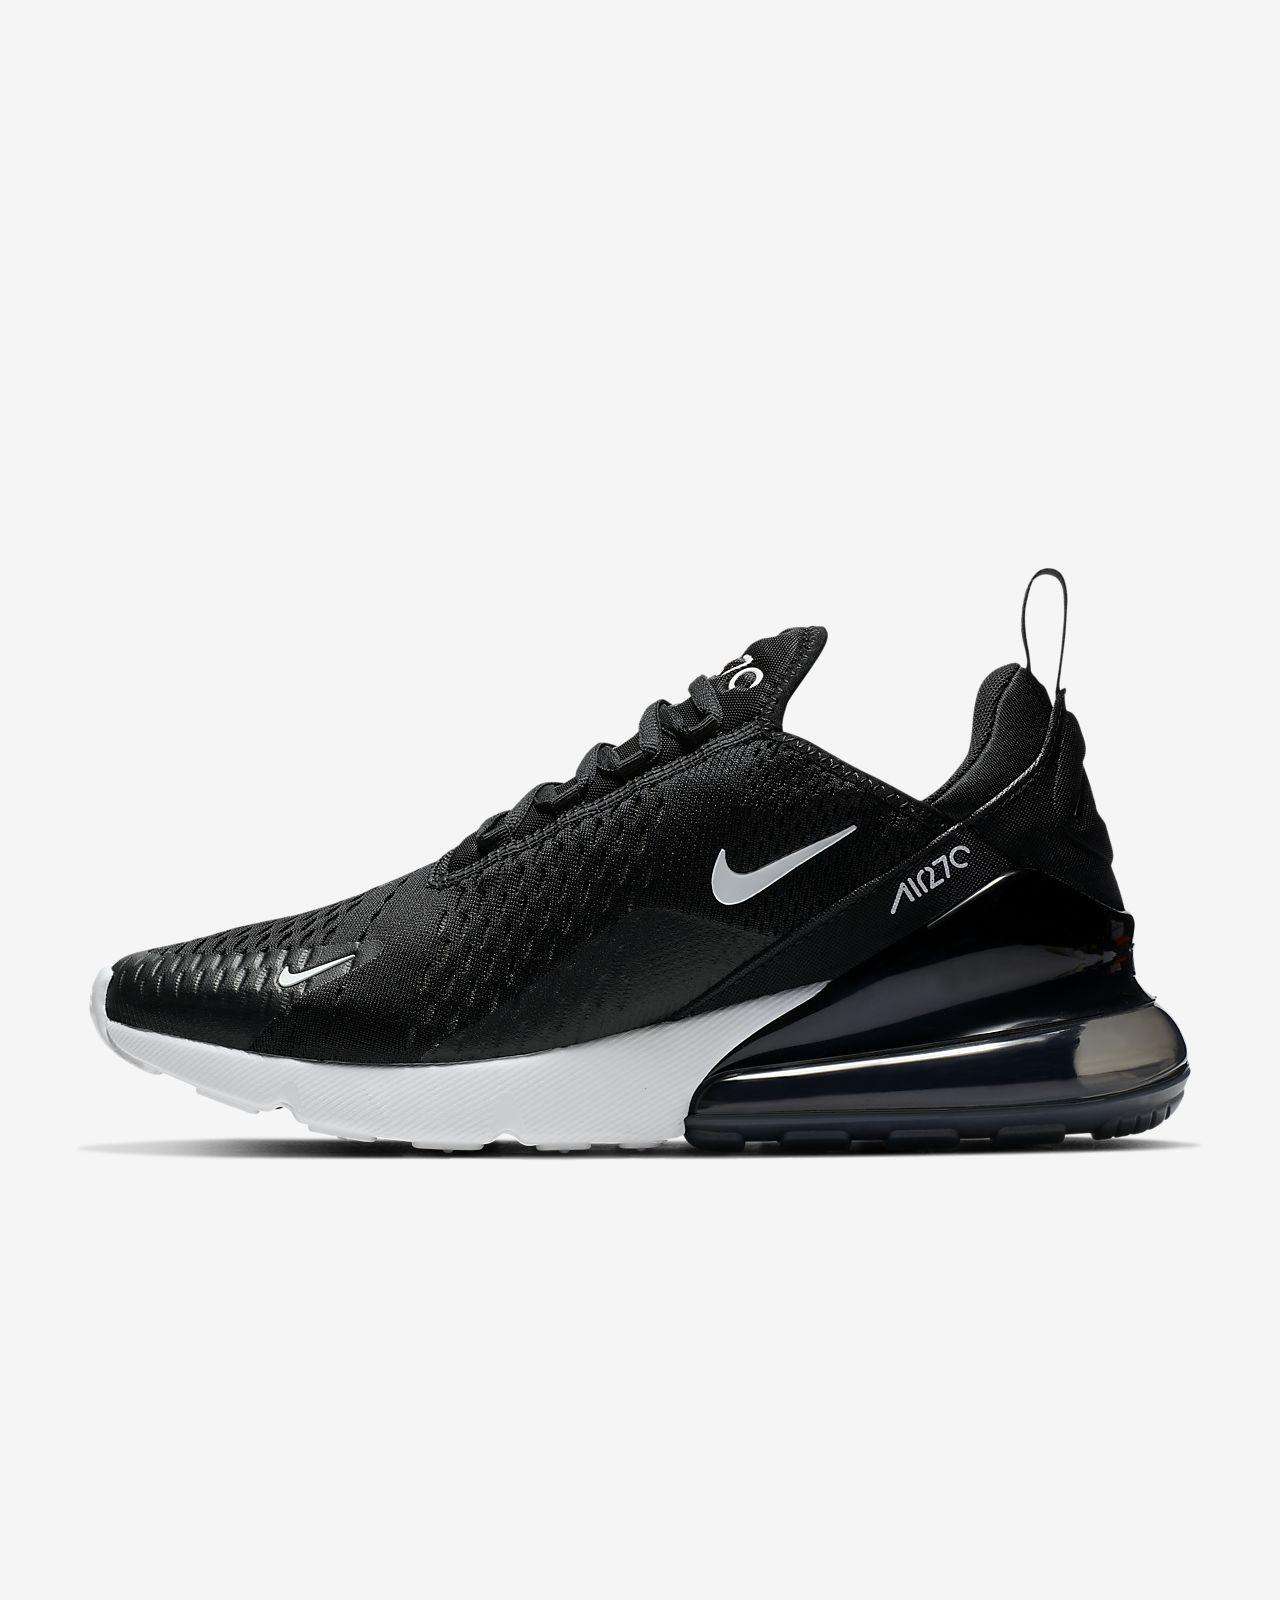 Γυναικείο παπούτσι Nike Air Max 270